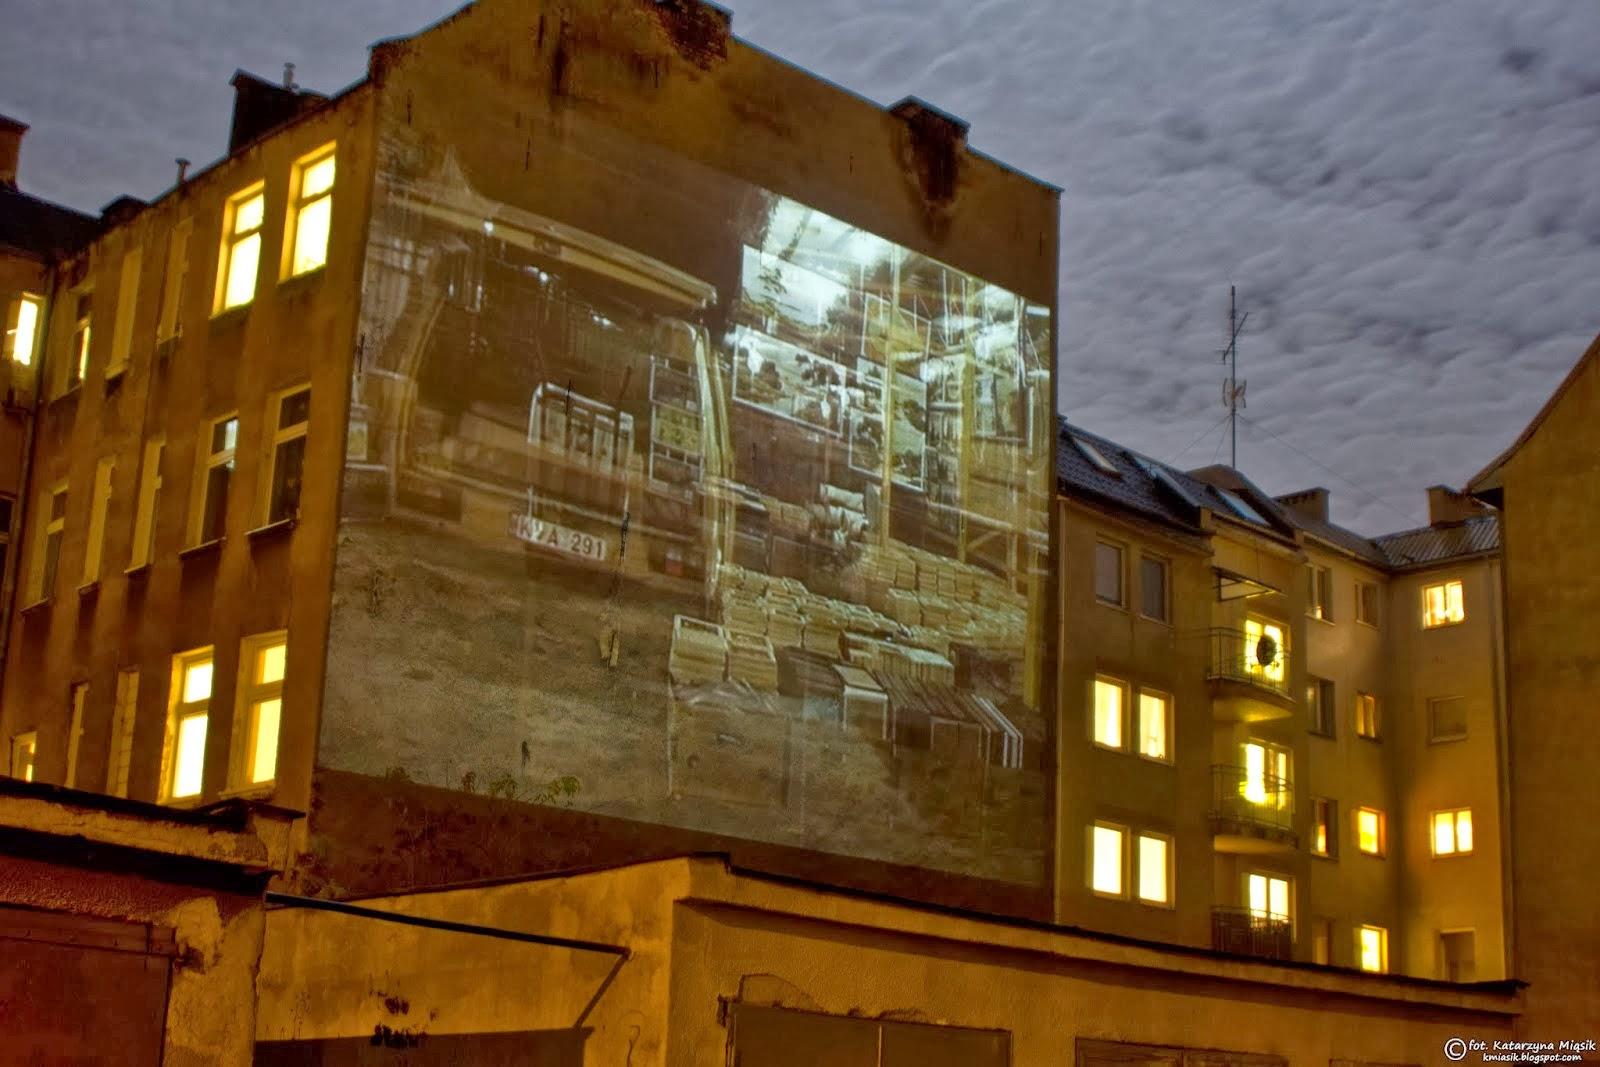 Narracje, Gdańsk 2013